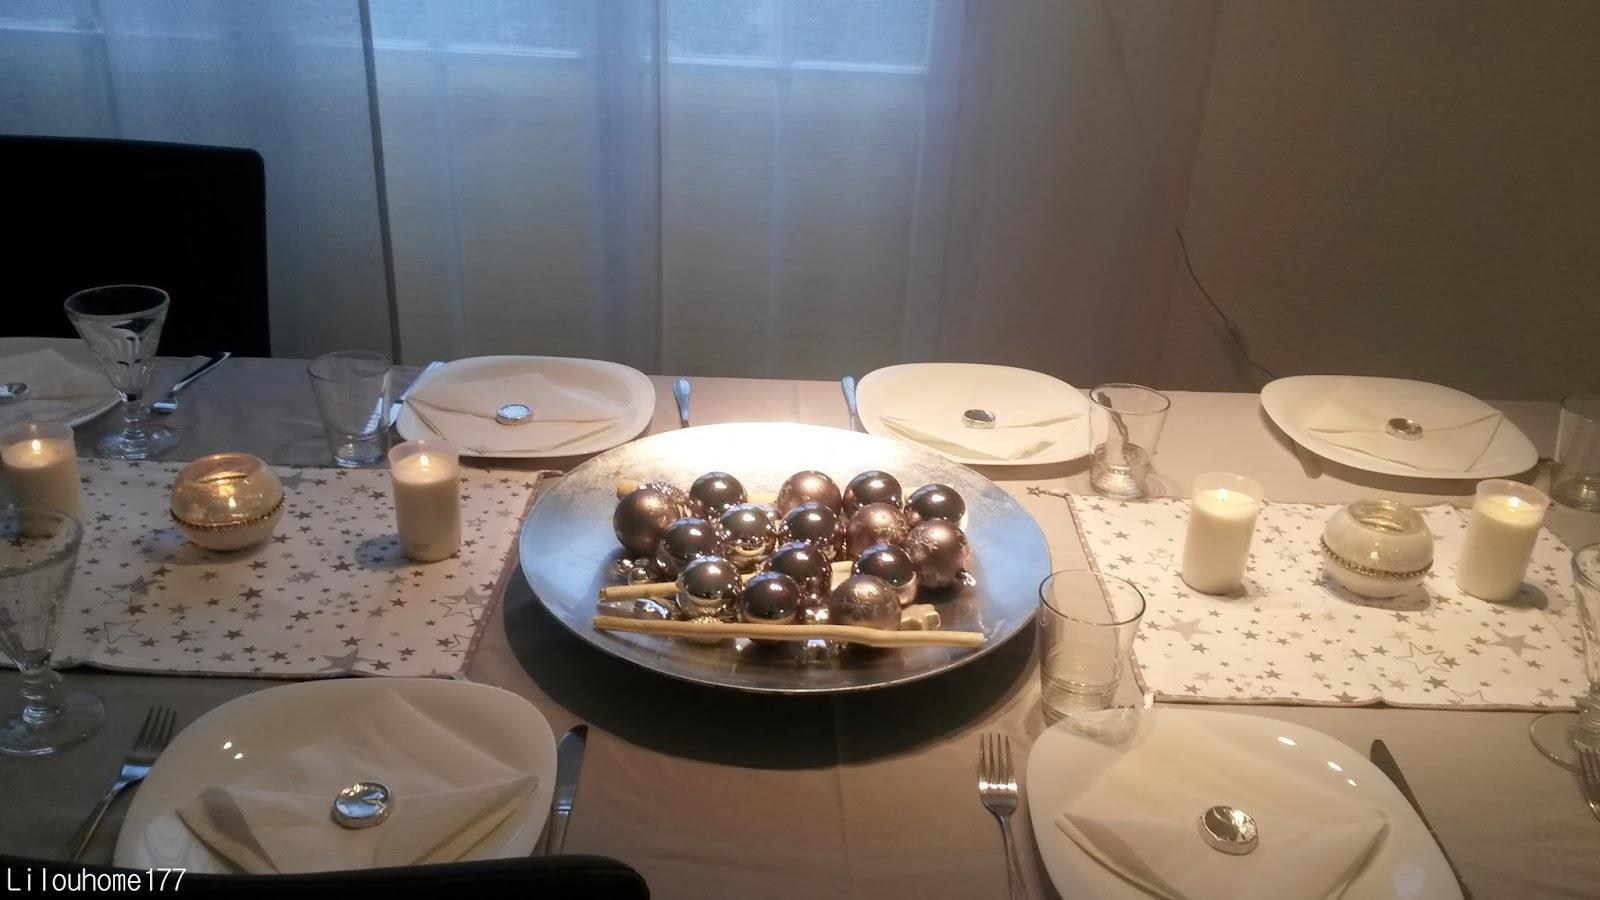 #9A6831 Déco Gris Et Blanc Pour Ma Table De Noël 6193 decoration de table de noel gris et blanc 1600x900 px @ aertt.com